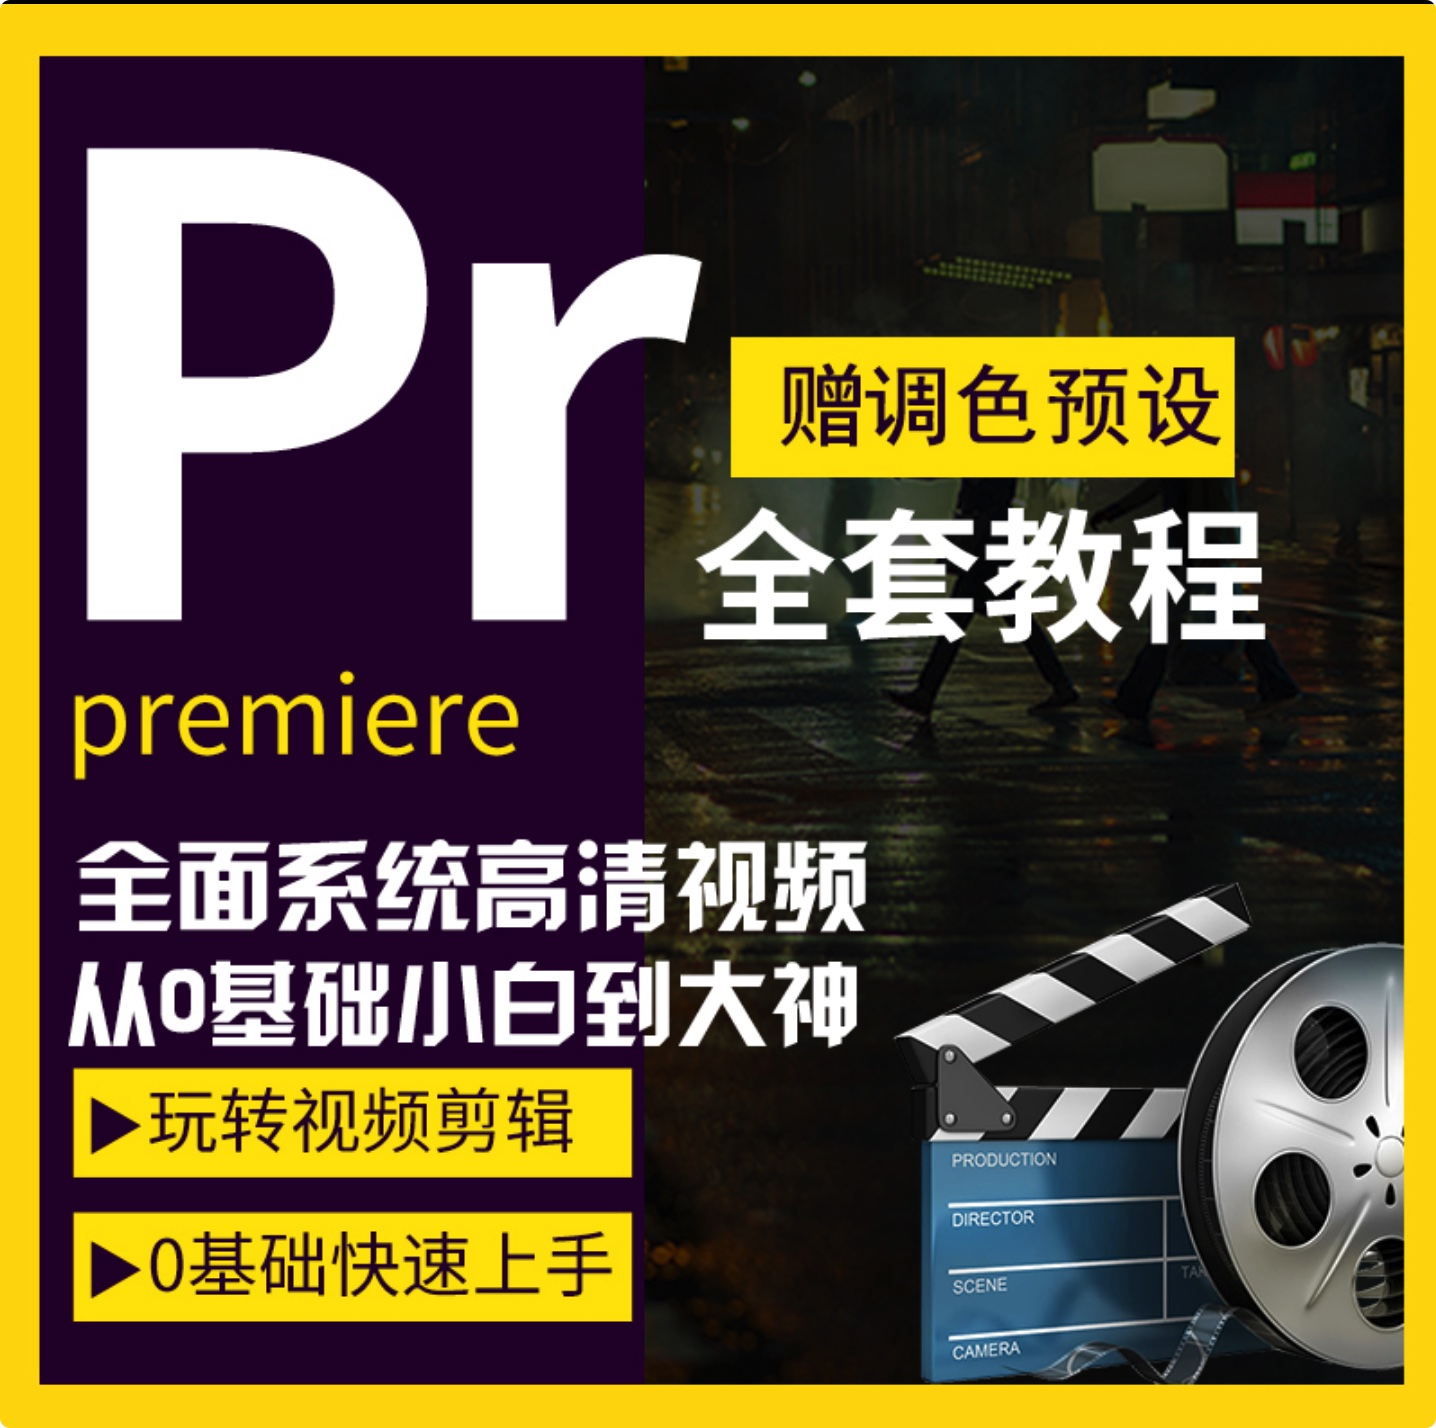 PR零基础视频教程下载_Premiere2020影视后期剪辑调色自学教程